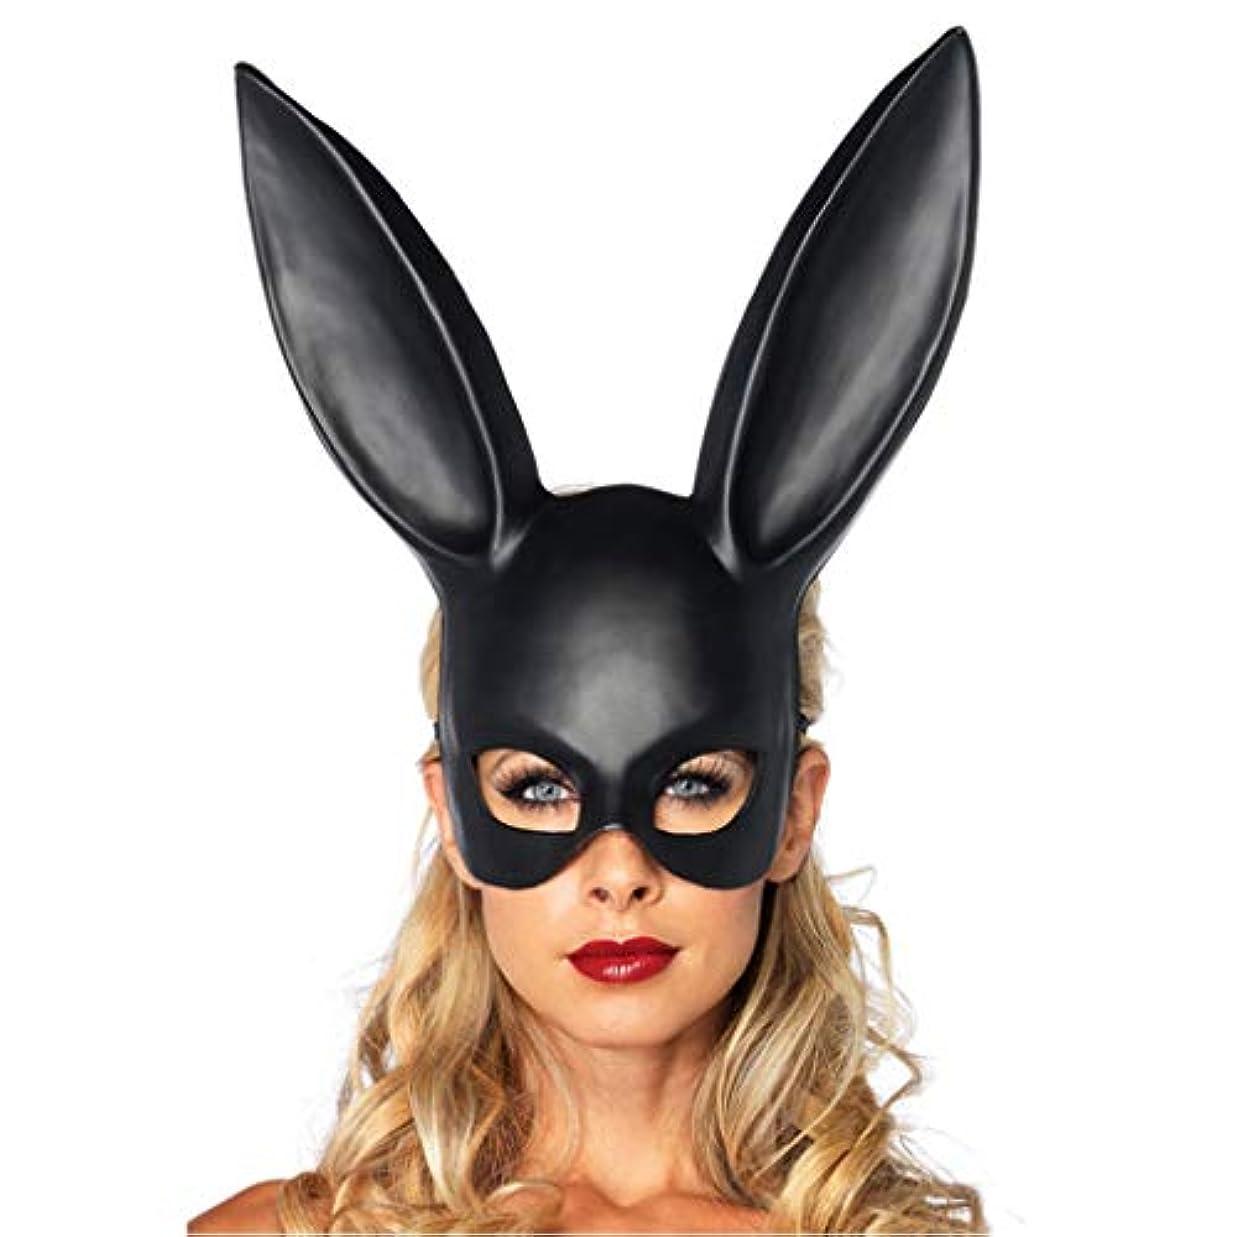 ジョージハンブリー翻訳するマッシュハロウィーン仮装イヤーマスクバーKTVパーティーマスクかわいいウサギのマスク (Color : C)